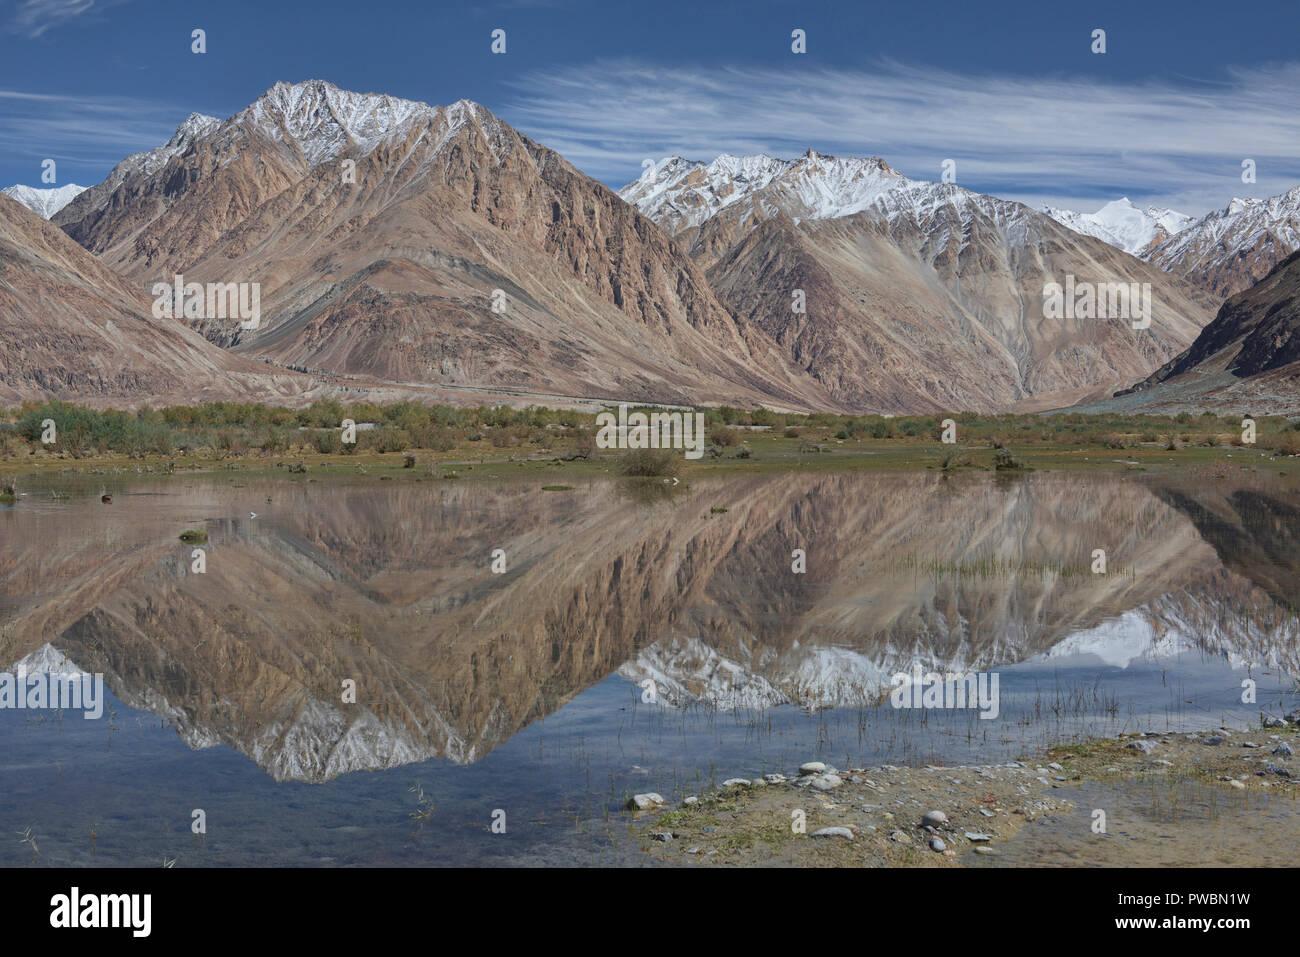 Karakoram Mountain reflections, Nubra Valley, Ladakh, India - Stock Image